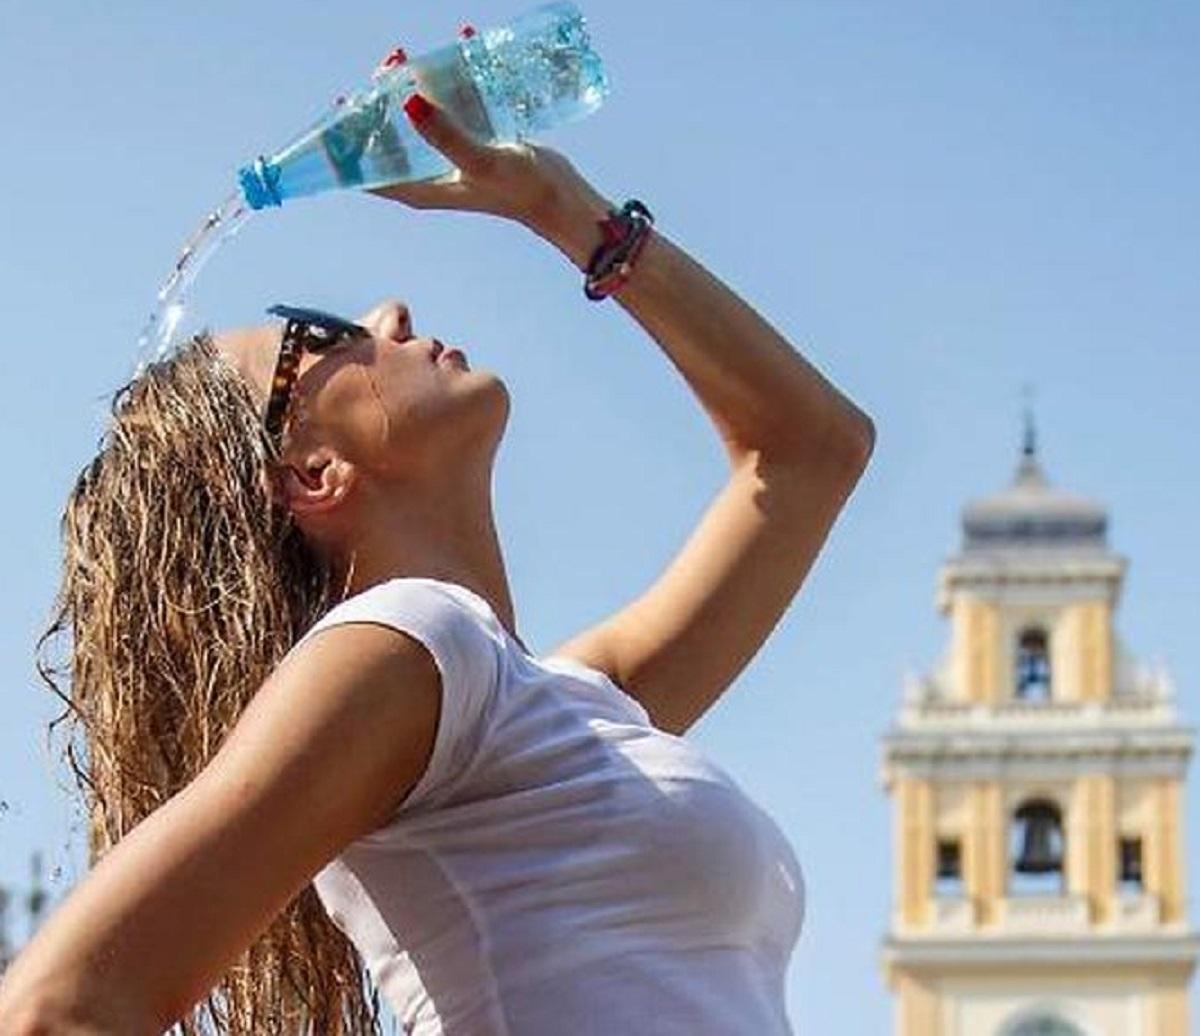 Meteo Italia morsa caldo cambiamento fine settimana 30 giugno 2021